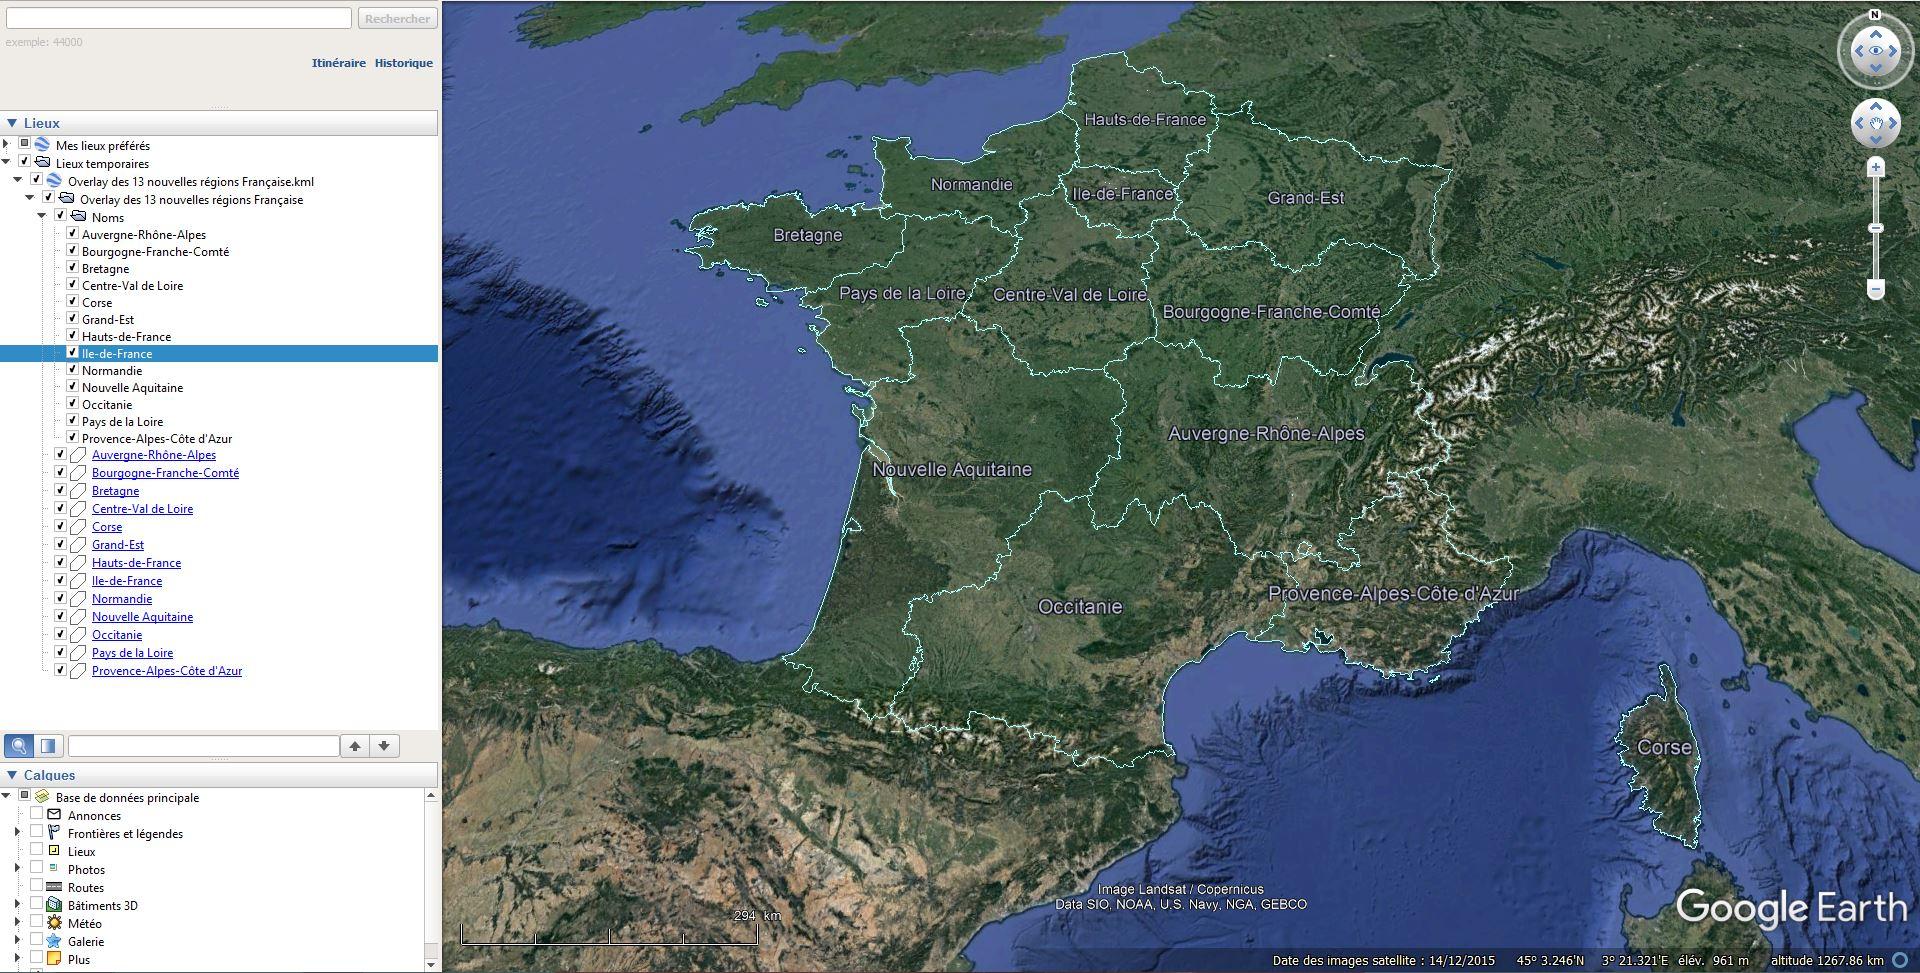 La France sous toutes ses coutures avec Google Earth - Page 6 Tsge2051